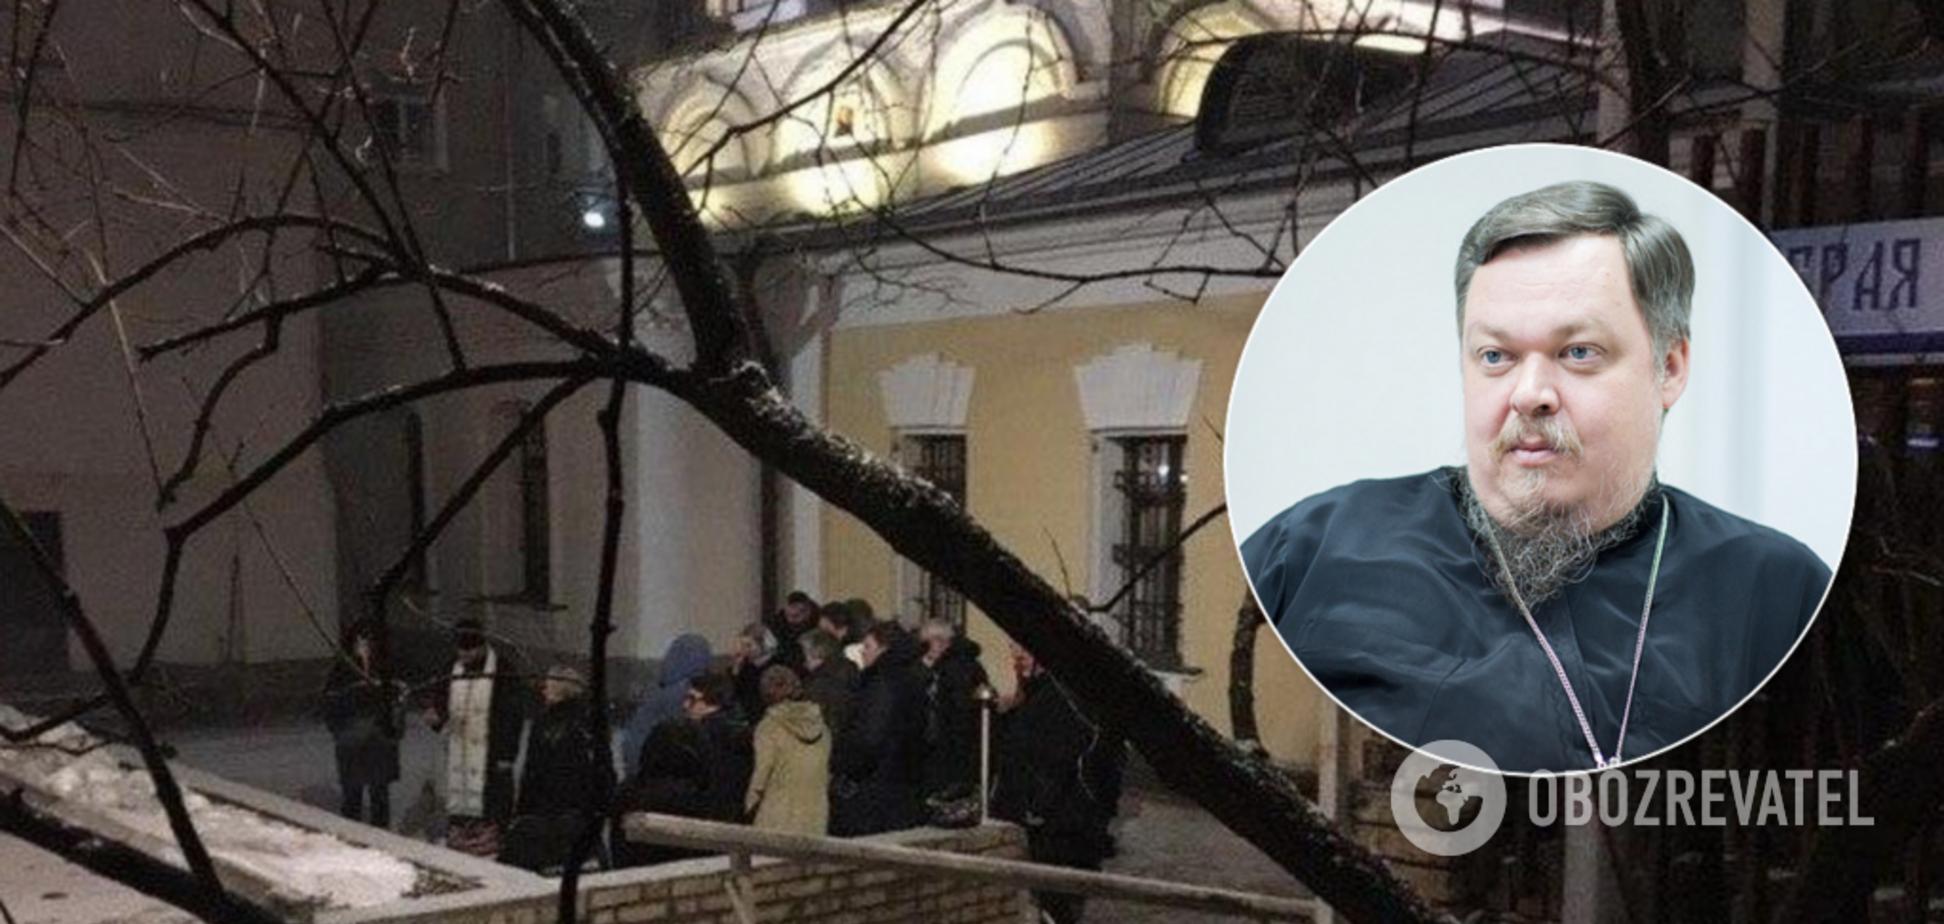 Всеволод Чаплін помер прямо перед храмом РПЦ: опубліковано відео 18+